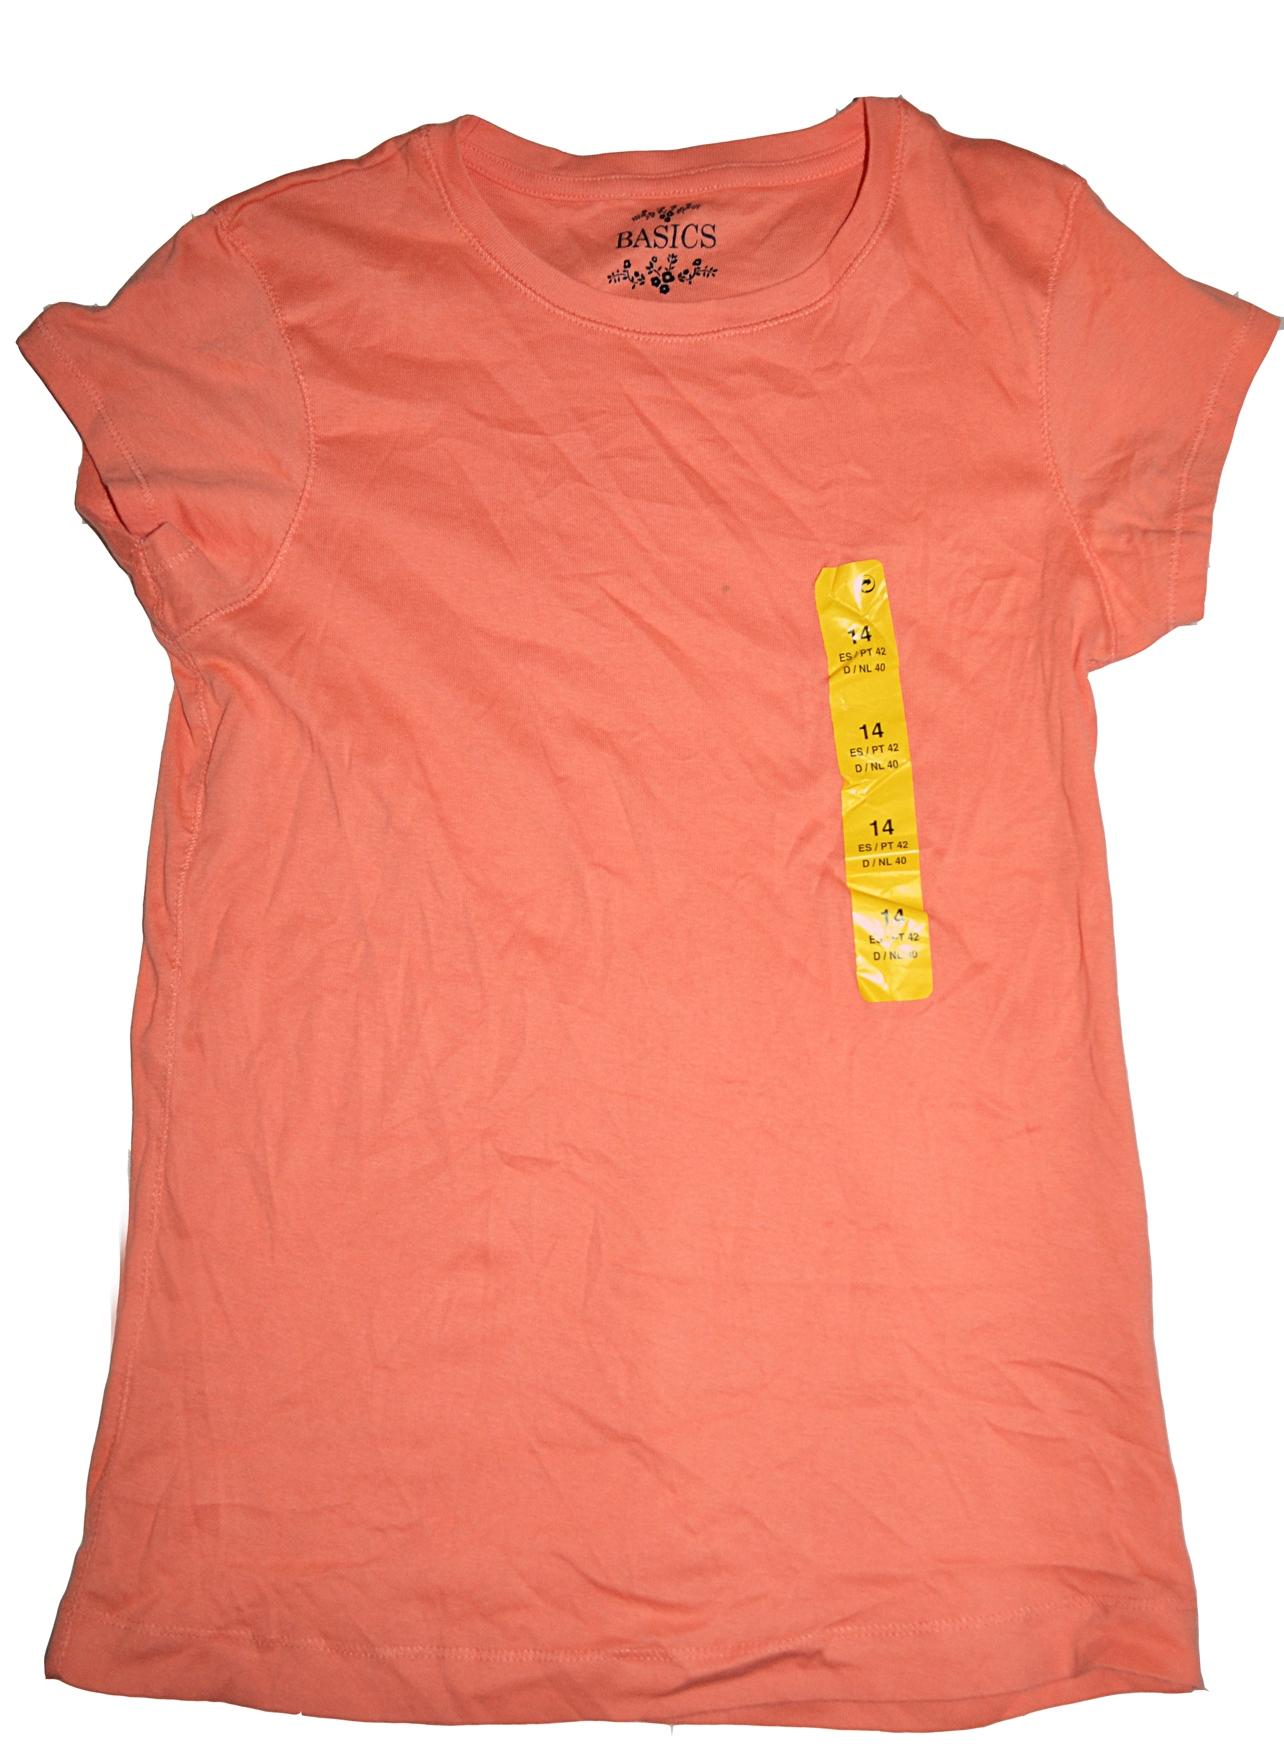 Антикризисная одежда для всей семьи от 3,50 руб.